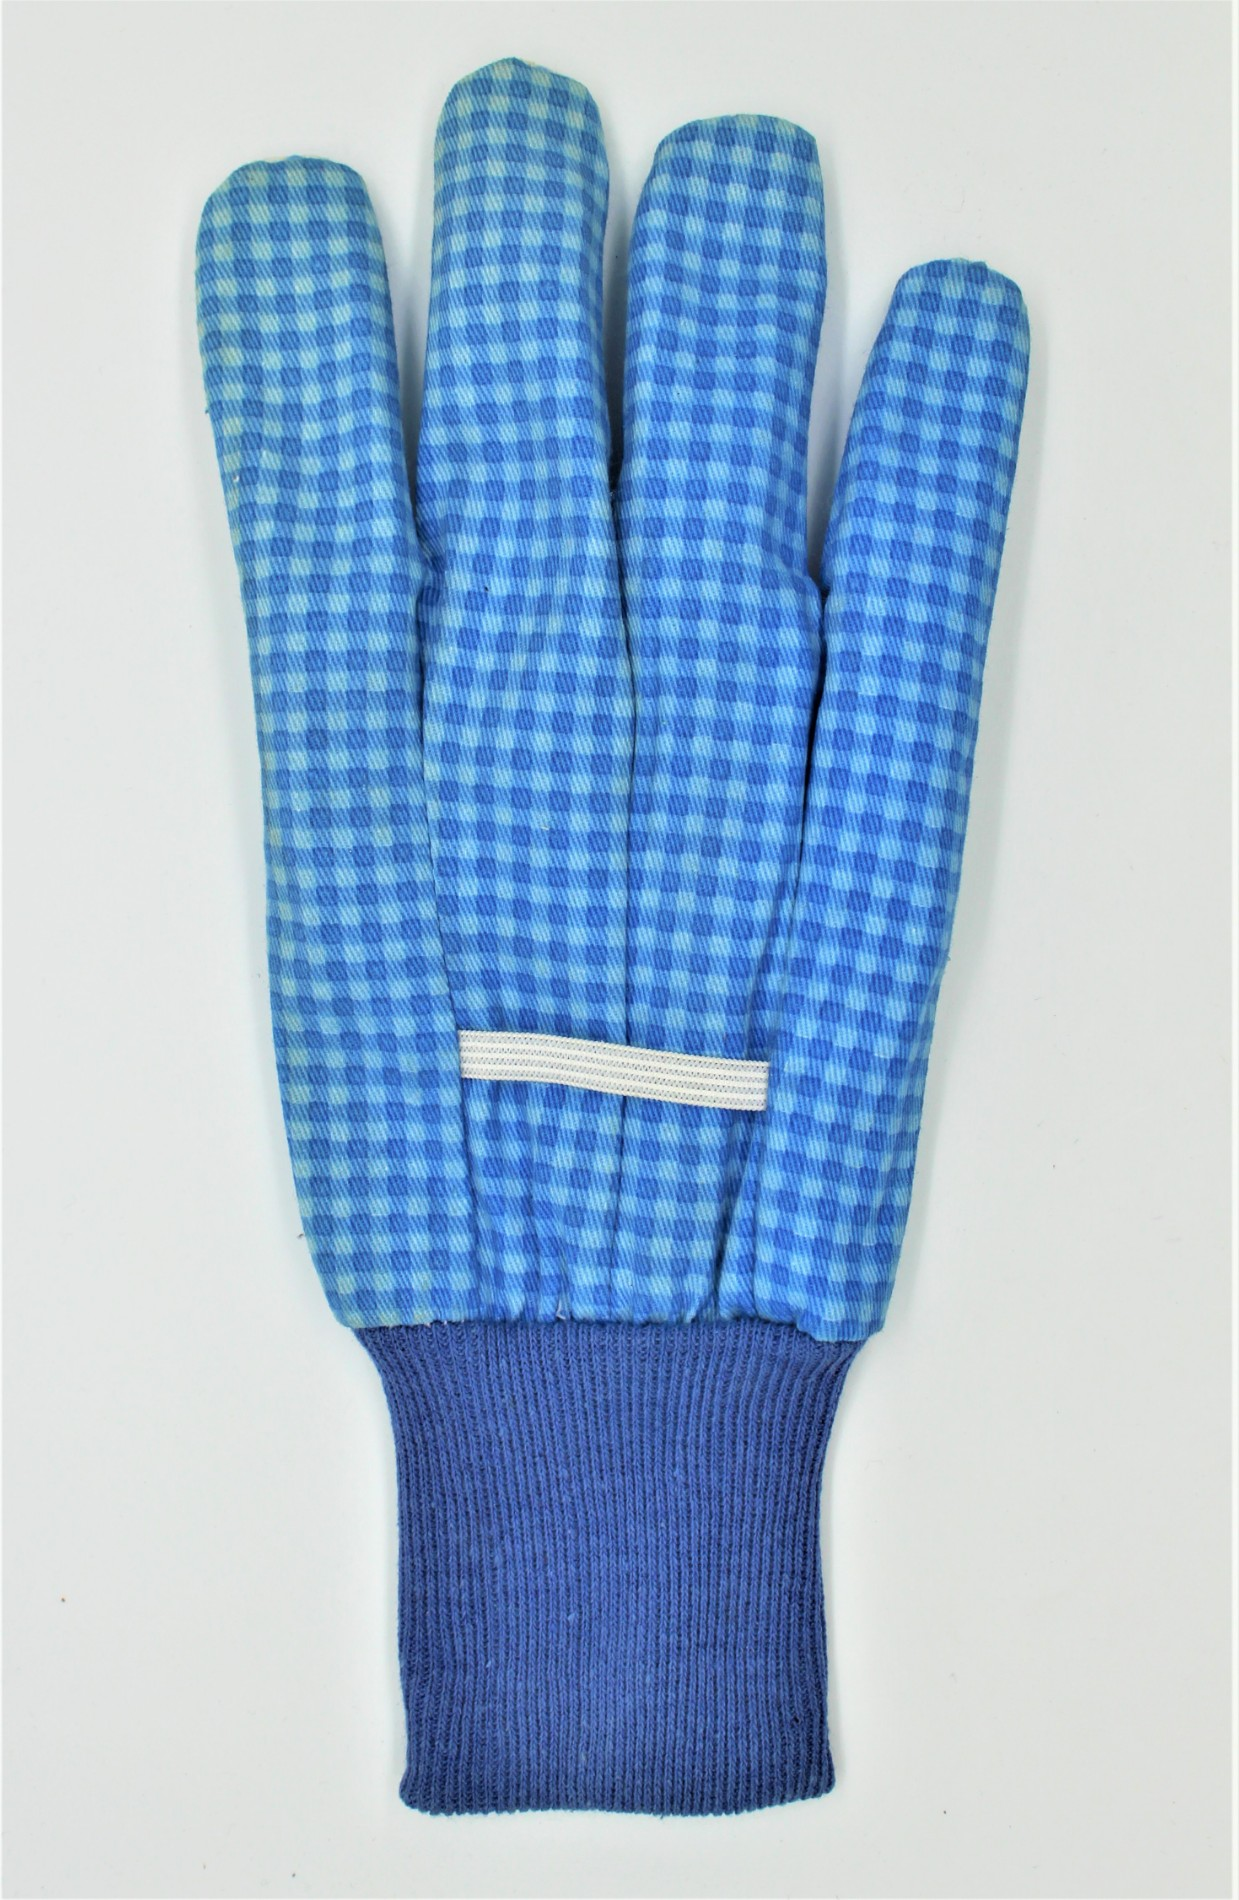 Koop Blue Grids Garden Handschoenen. Blue Grids Garden Handschoenen Prijzen. Blue Grids Garden Handschoenen Brands. Blue Grids Garden Handschoenen Fabrikant. Blue Grids Garden Handschoenen Quotes. Blue Grids Garden Handschoenen Company.